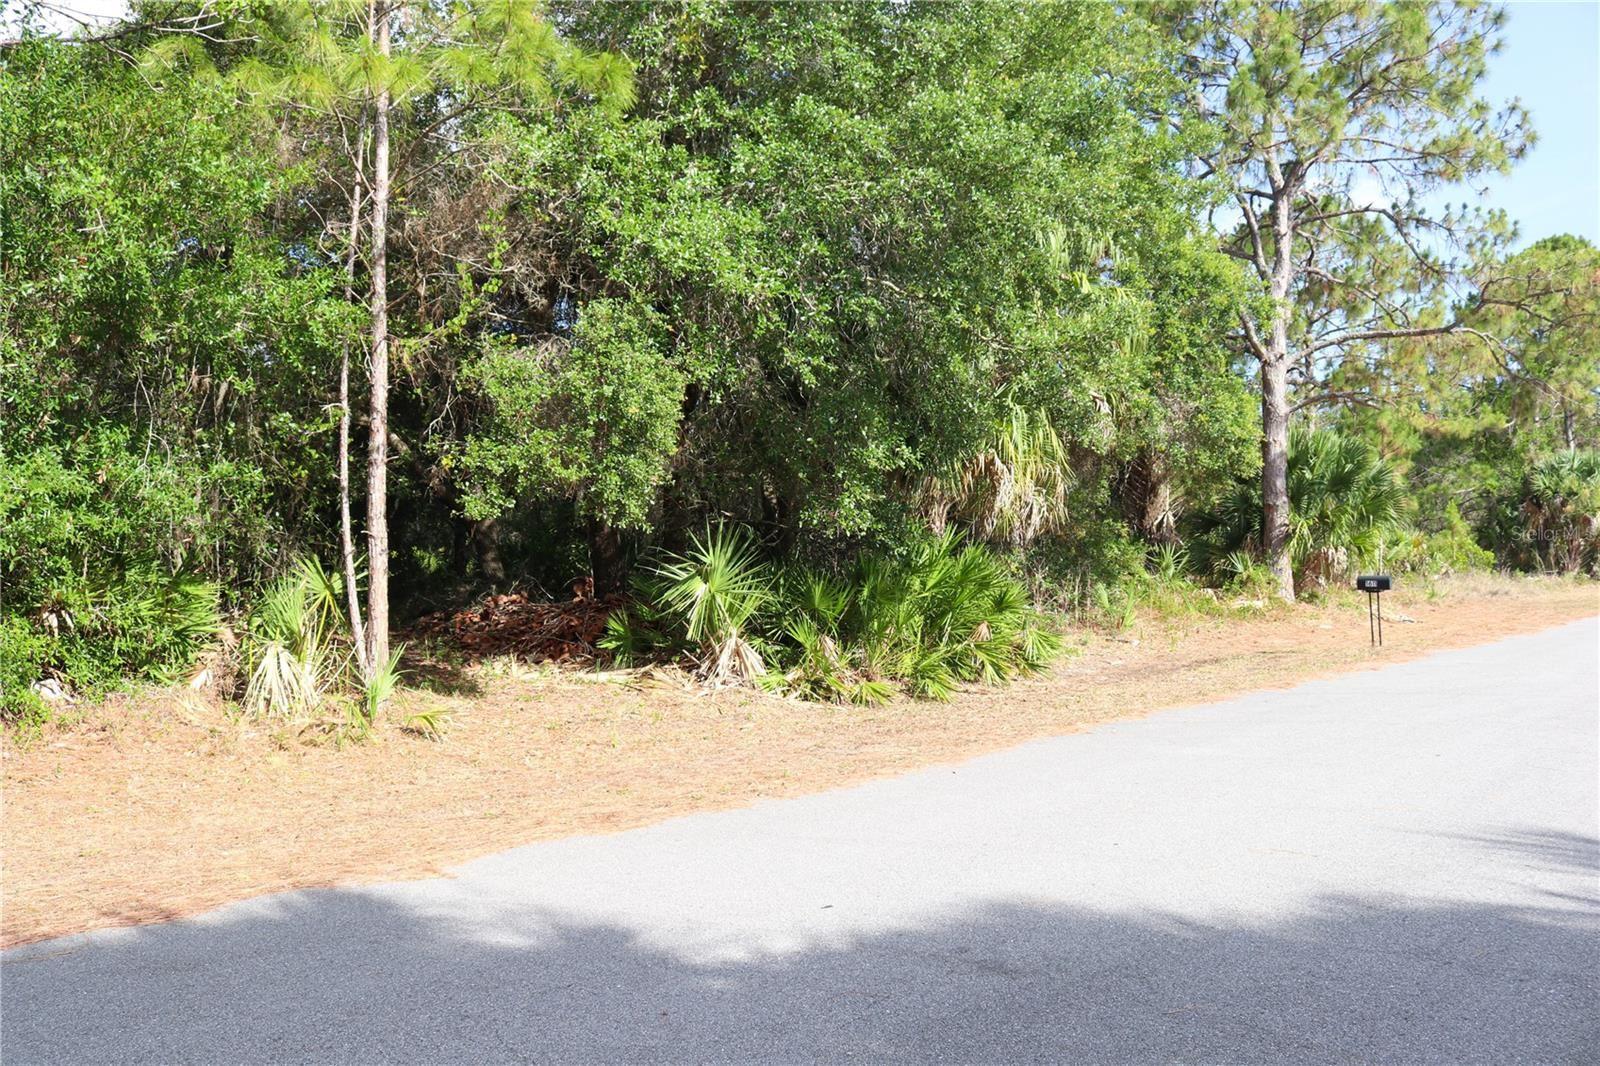 Photo of LOT 8 TORINO STREET, NORTH PORT, FL 34287 (MLS # A4503628)